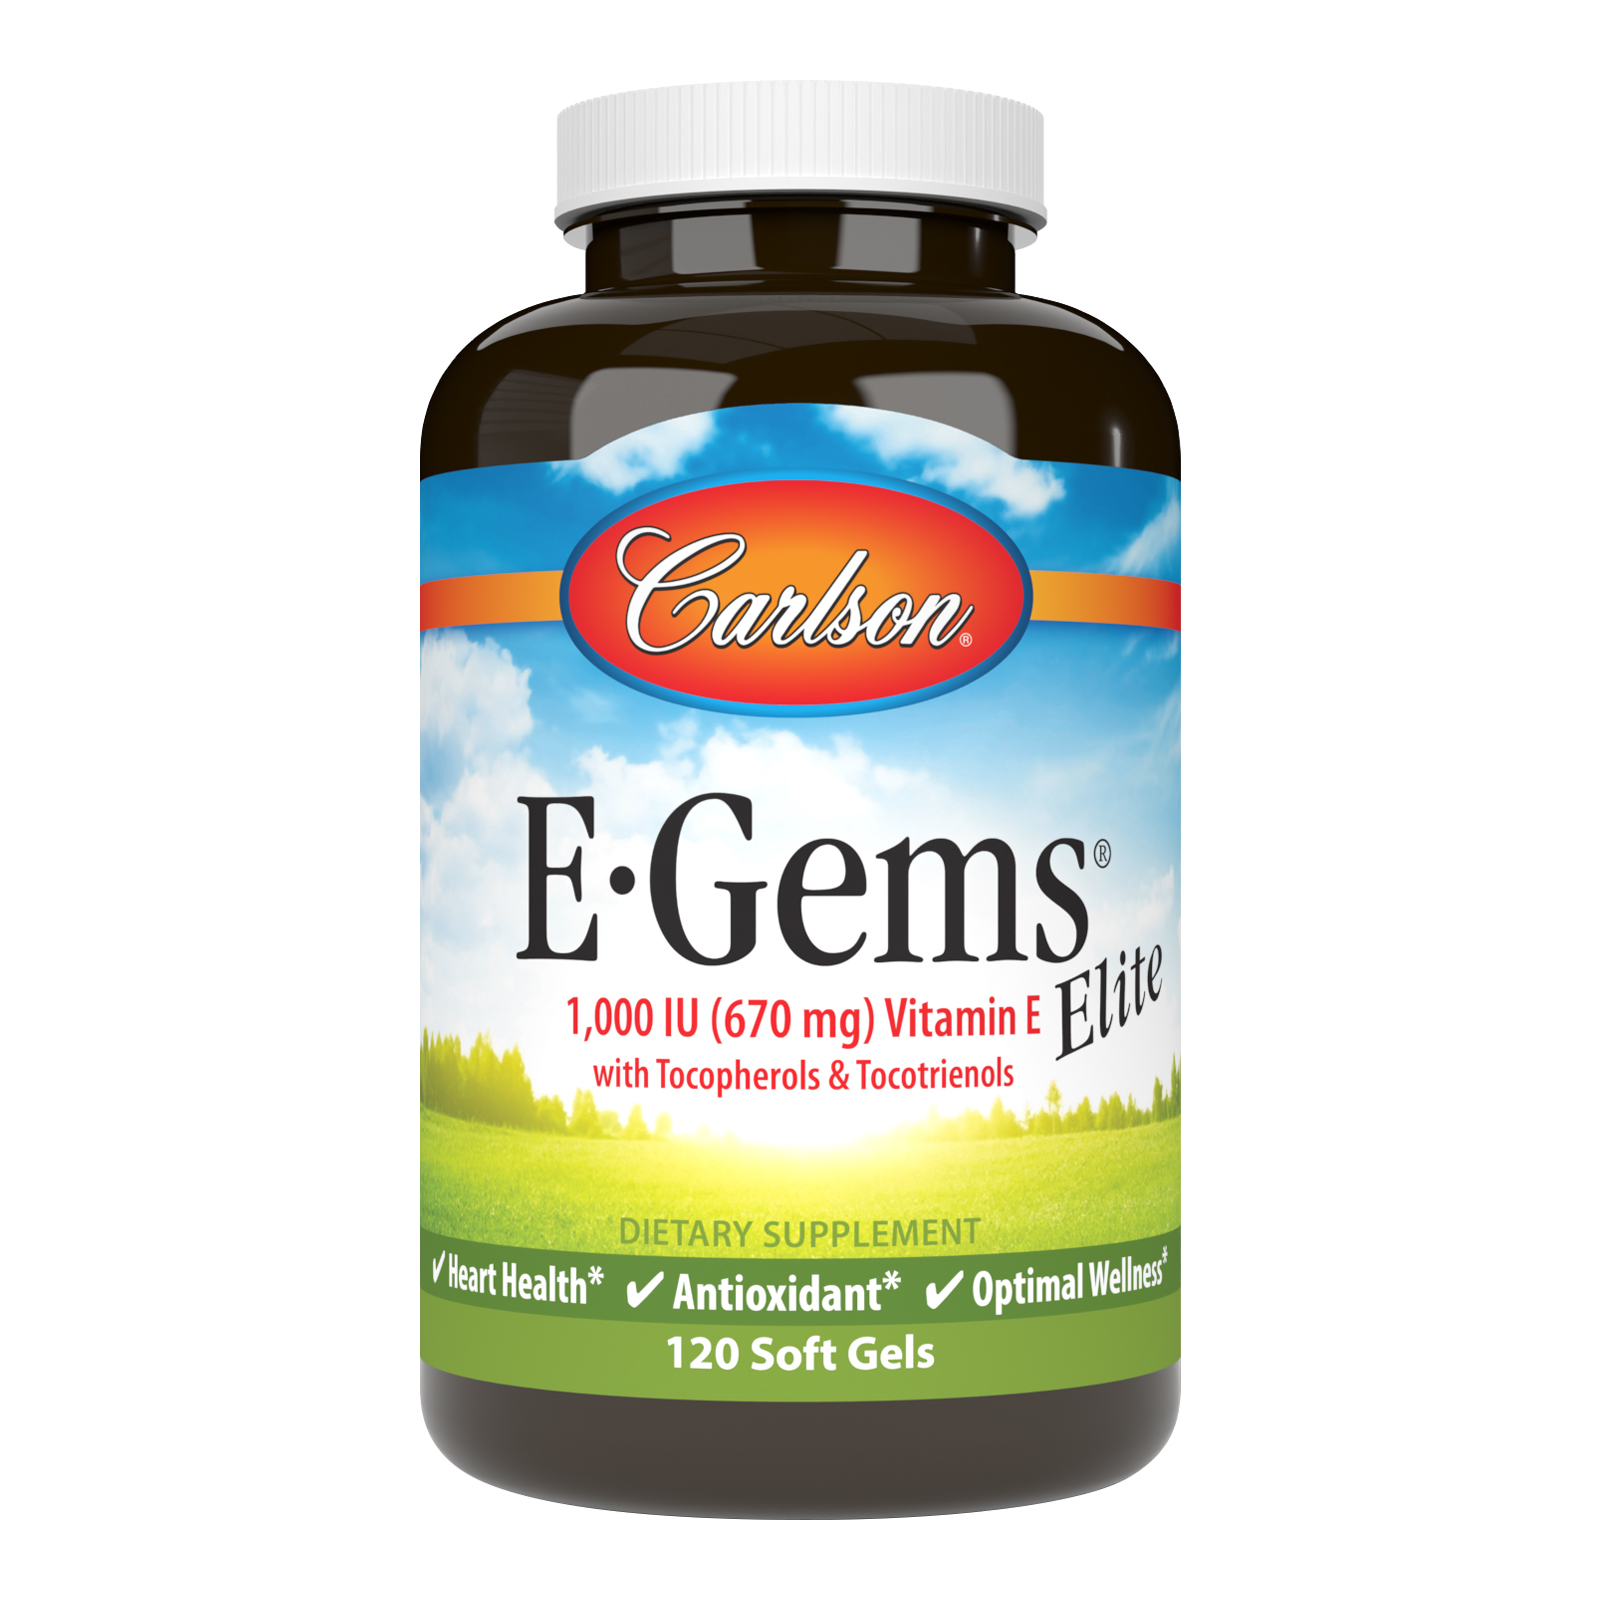 E-Gems® Elite 1,000 IU (670 mg)